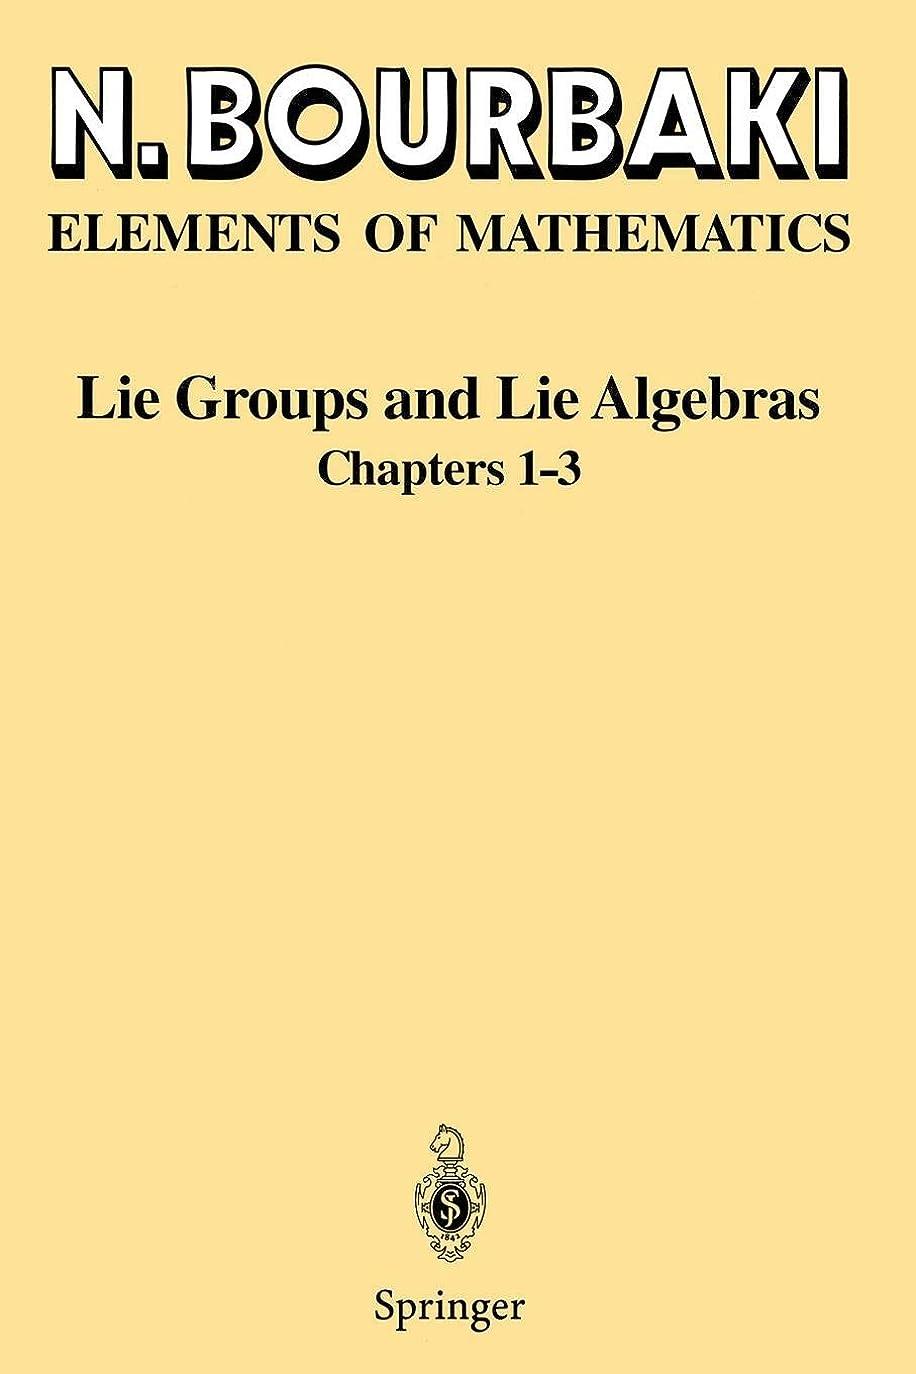 コンサートファブリックアナウンサーLie Groups and Lie Algebras: Chapters 1-3 (Elements of Mathematics)